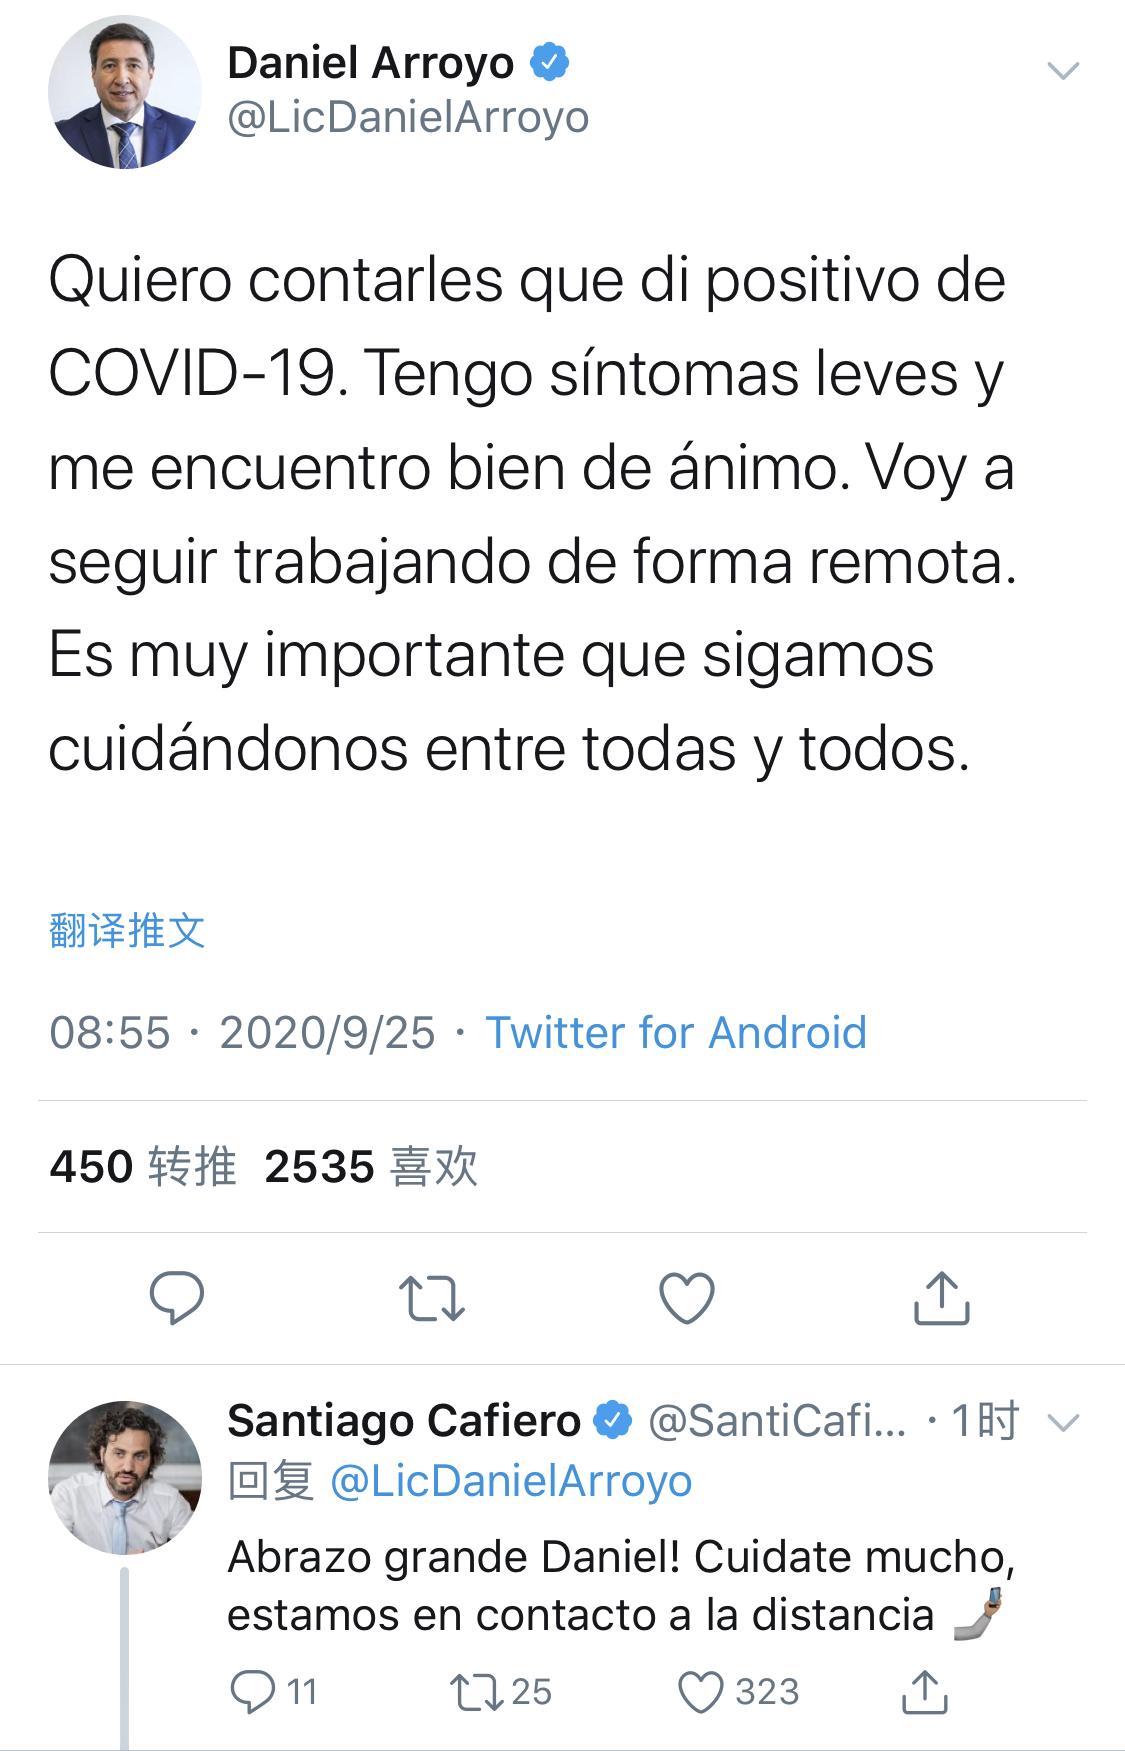 阿根廷社会发展部长新冠病毒检测呈阳性